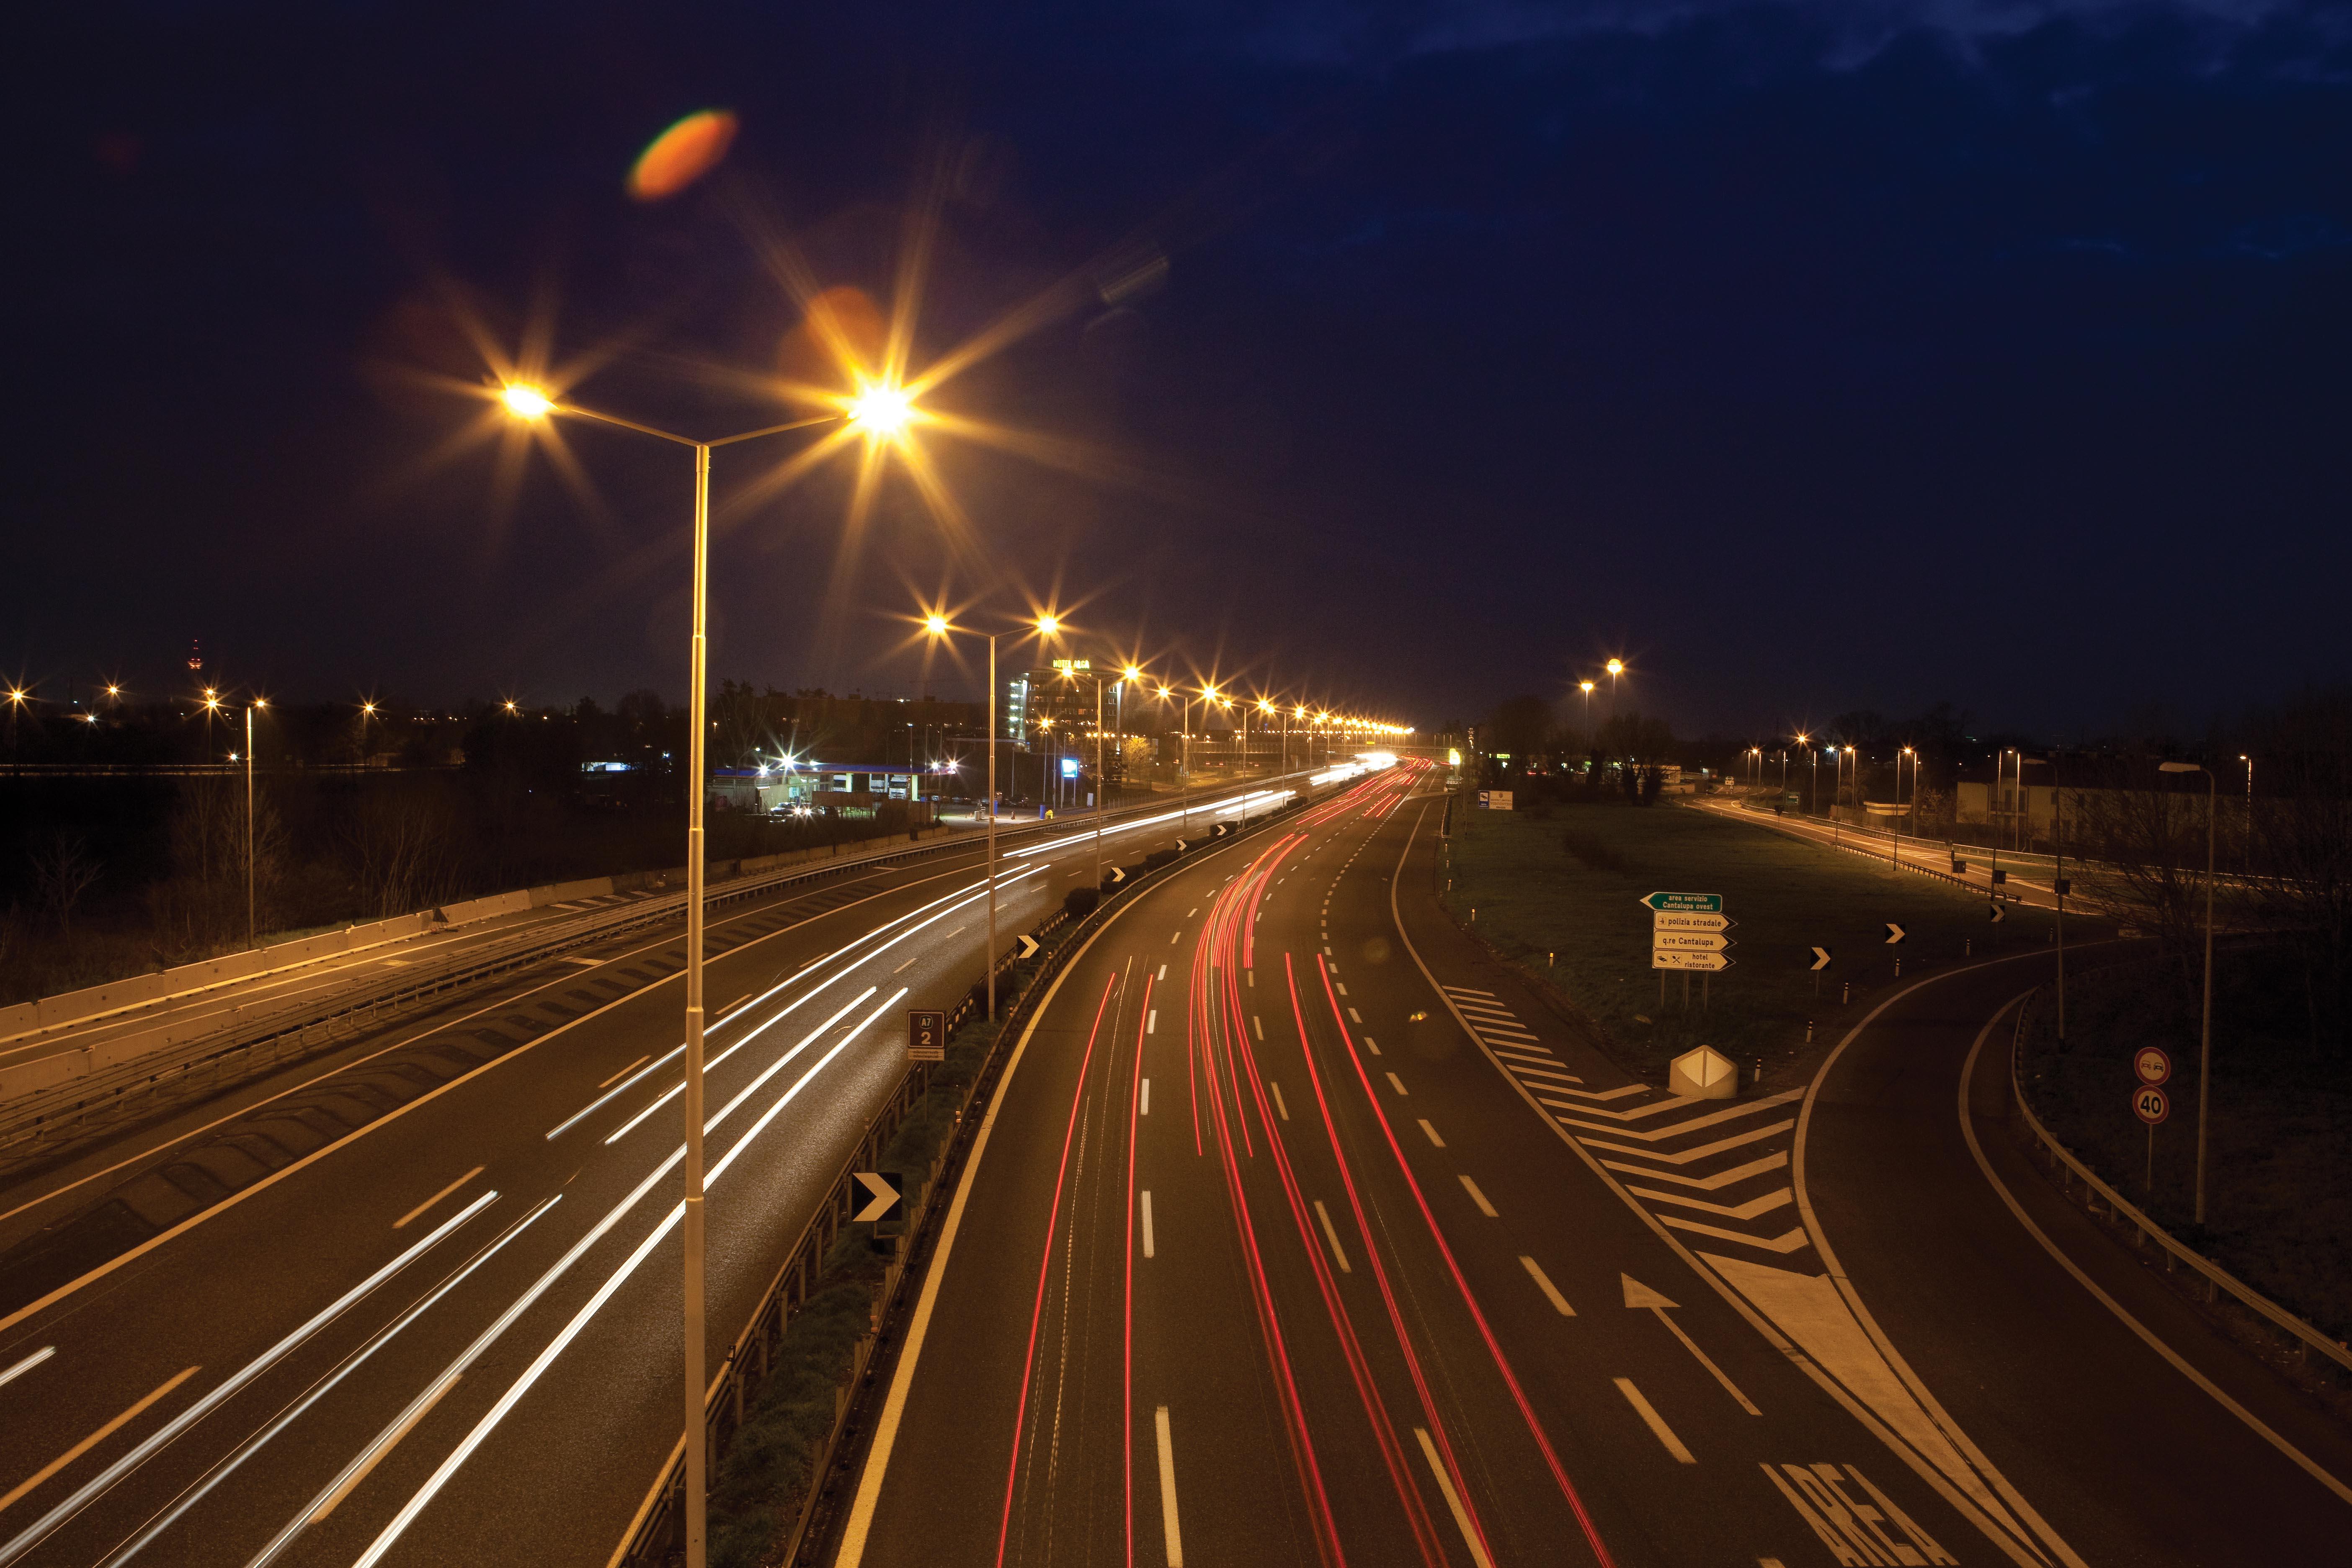 Lavori di realizzazione dell'impianto di illuminazione e adeguamento delle barriere di sicurezza in A50 Tangenziale Ovest di Milano